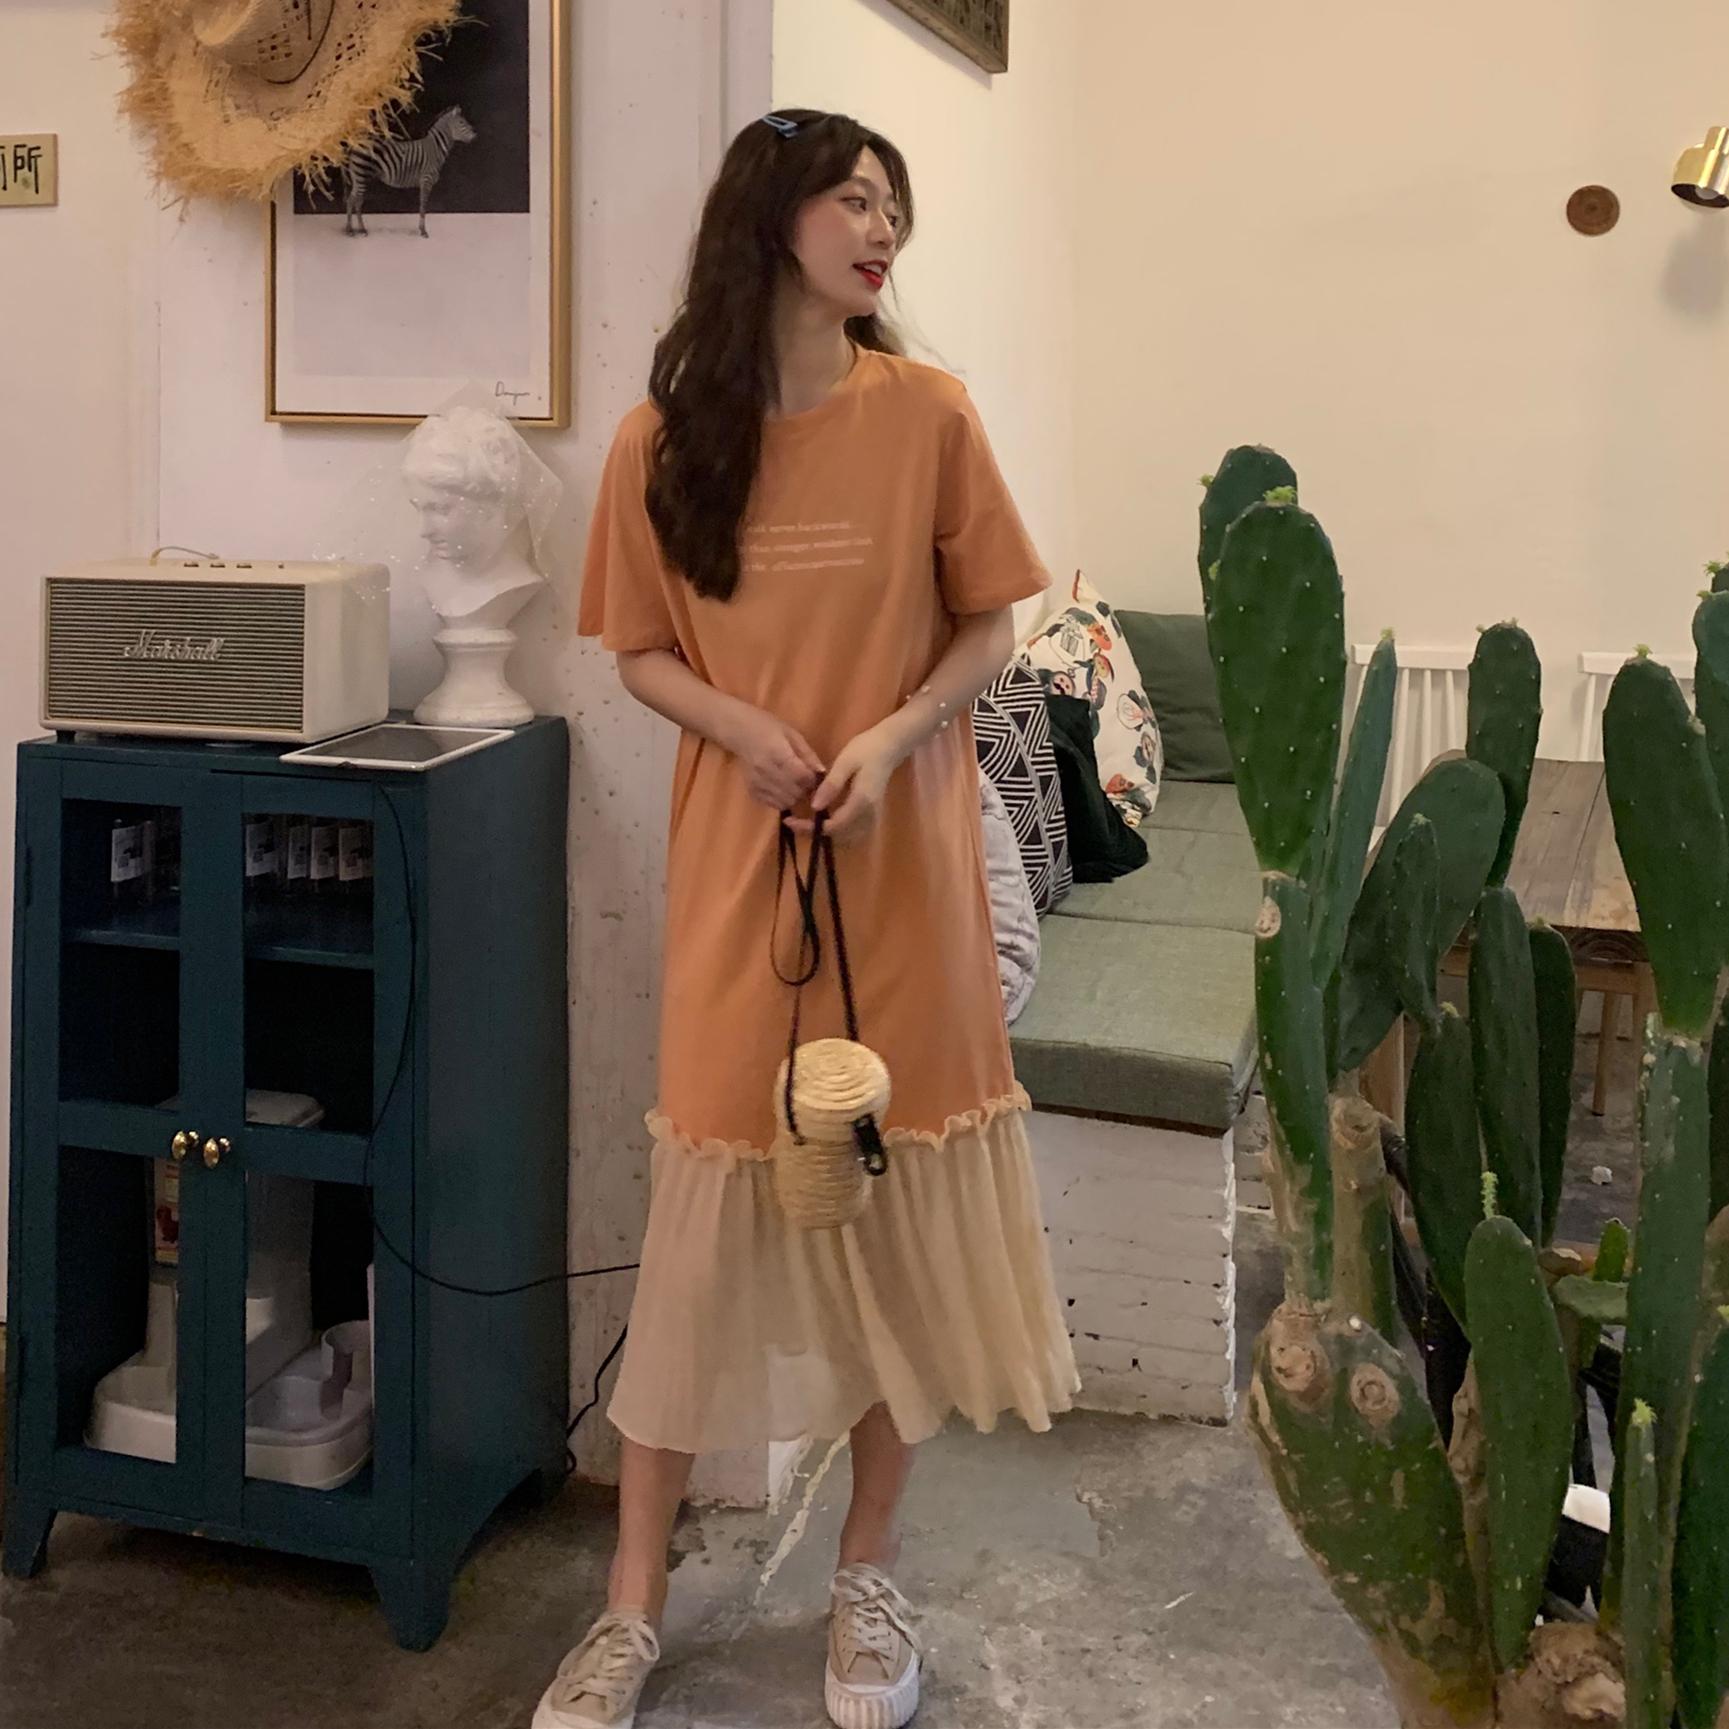 控價5 實拍實價新款韓版印花字母網紗拼接連衣裙